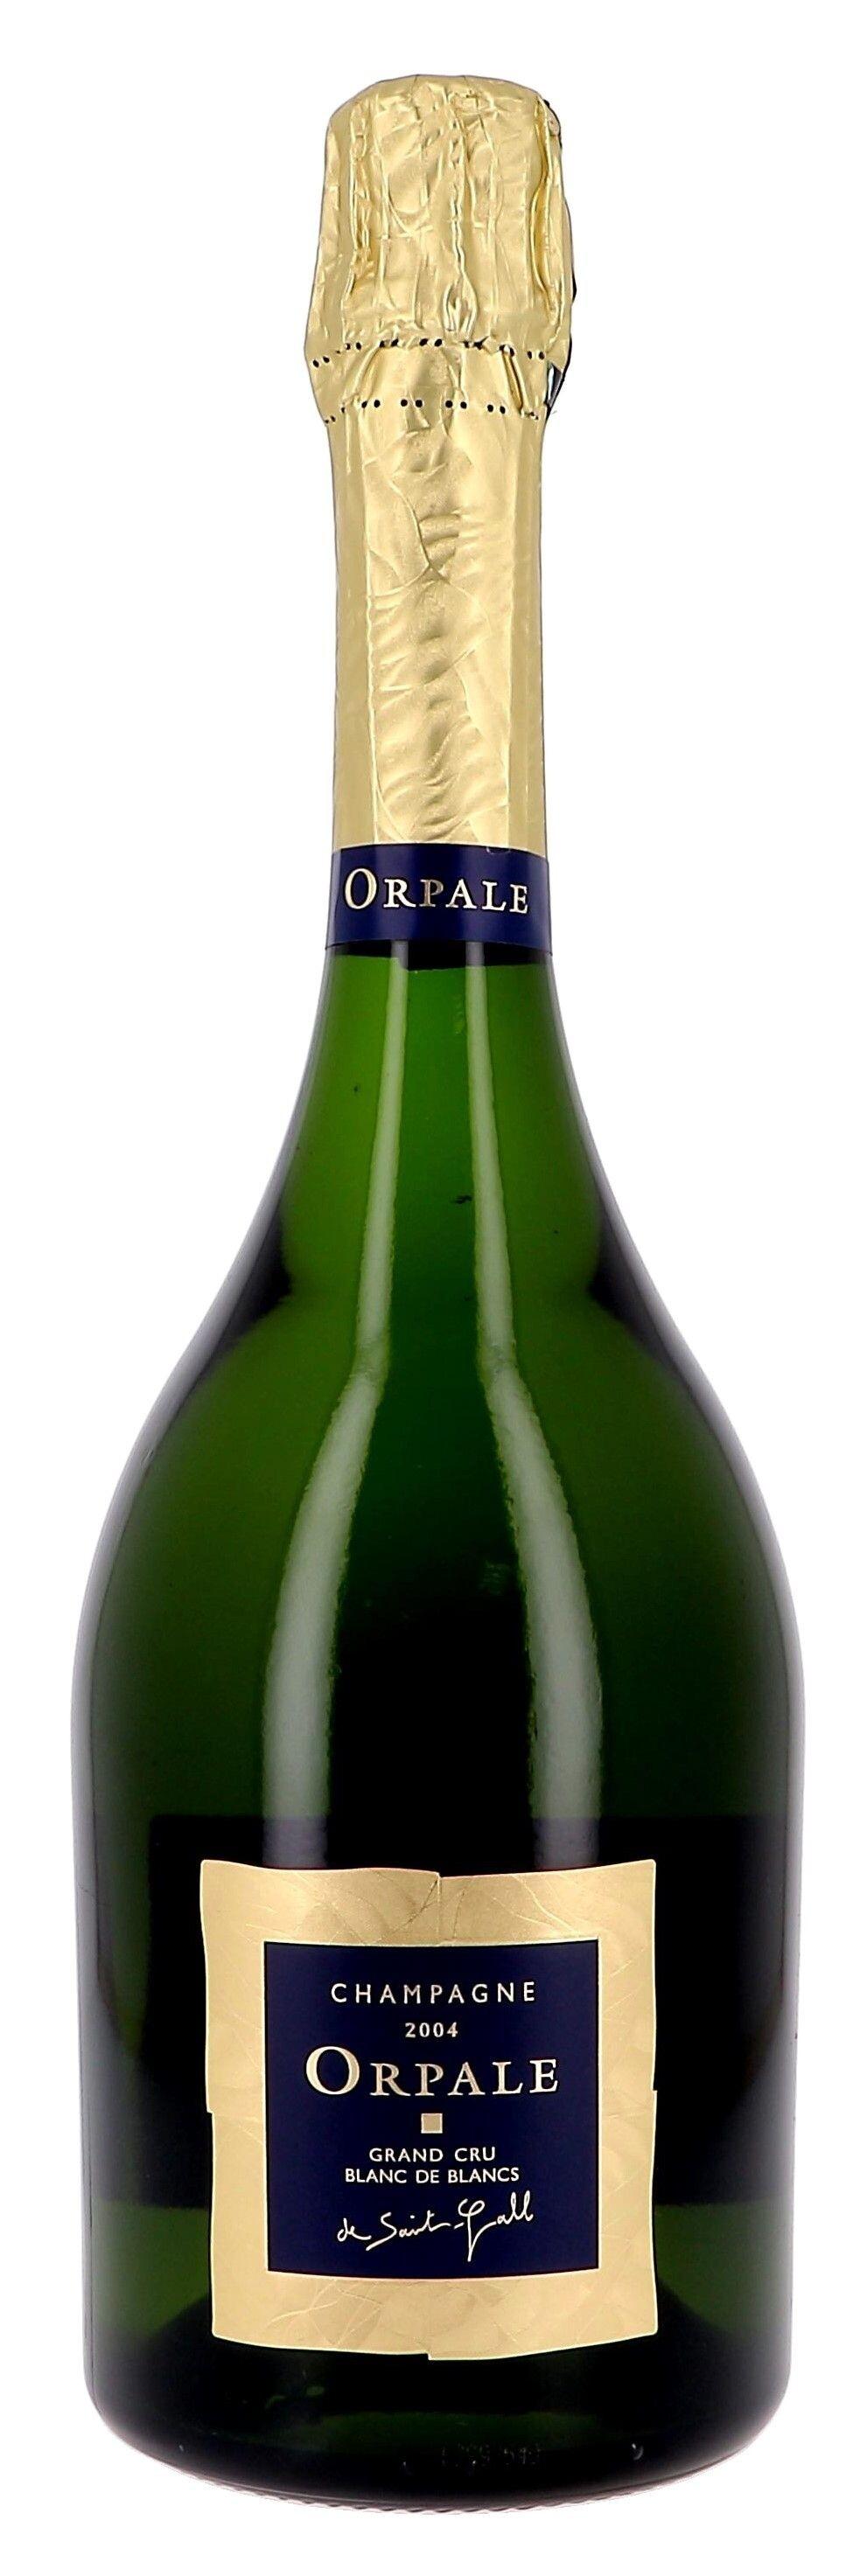 Champagne de Saint Gall Orpale 75cl Blanc de Blancs (Champagne)